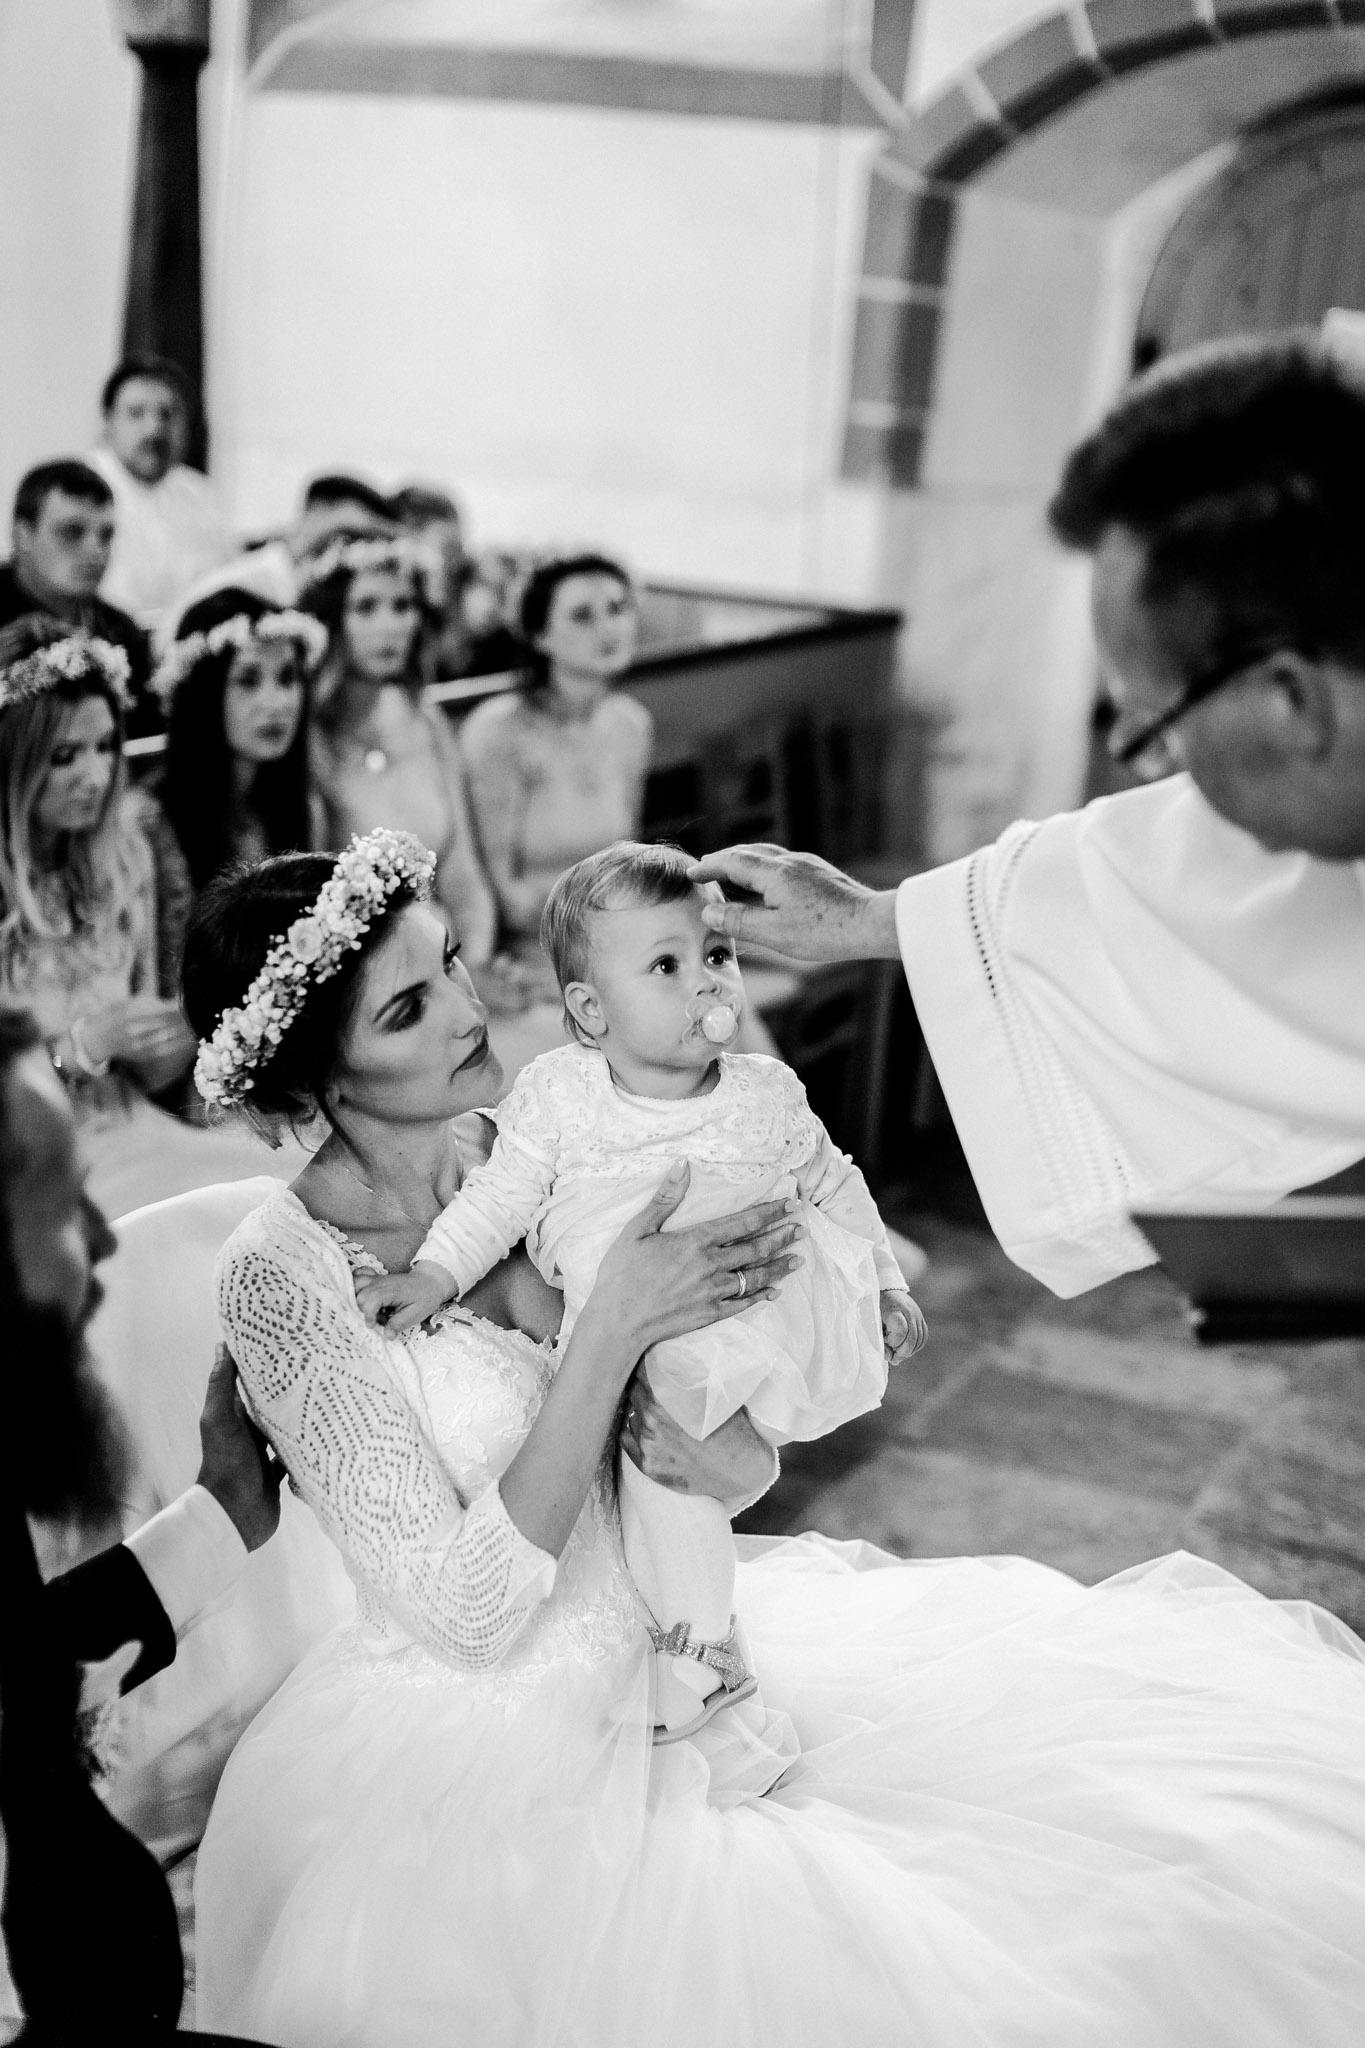 Nordhausen-Harz-Hochzeit-Pia-Anna-Christian-Wedding-Photography-LM-40.jpg